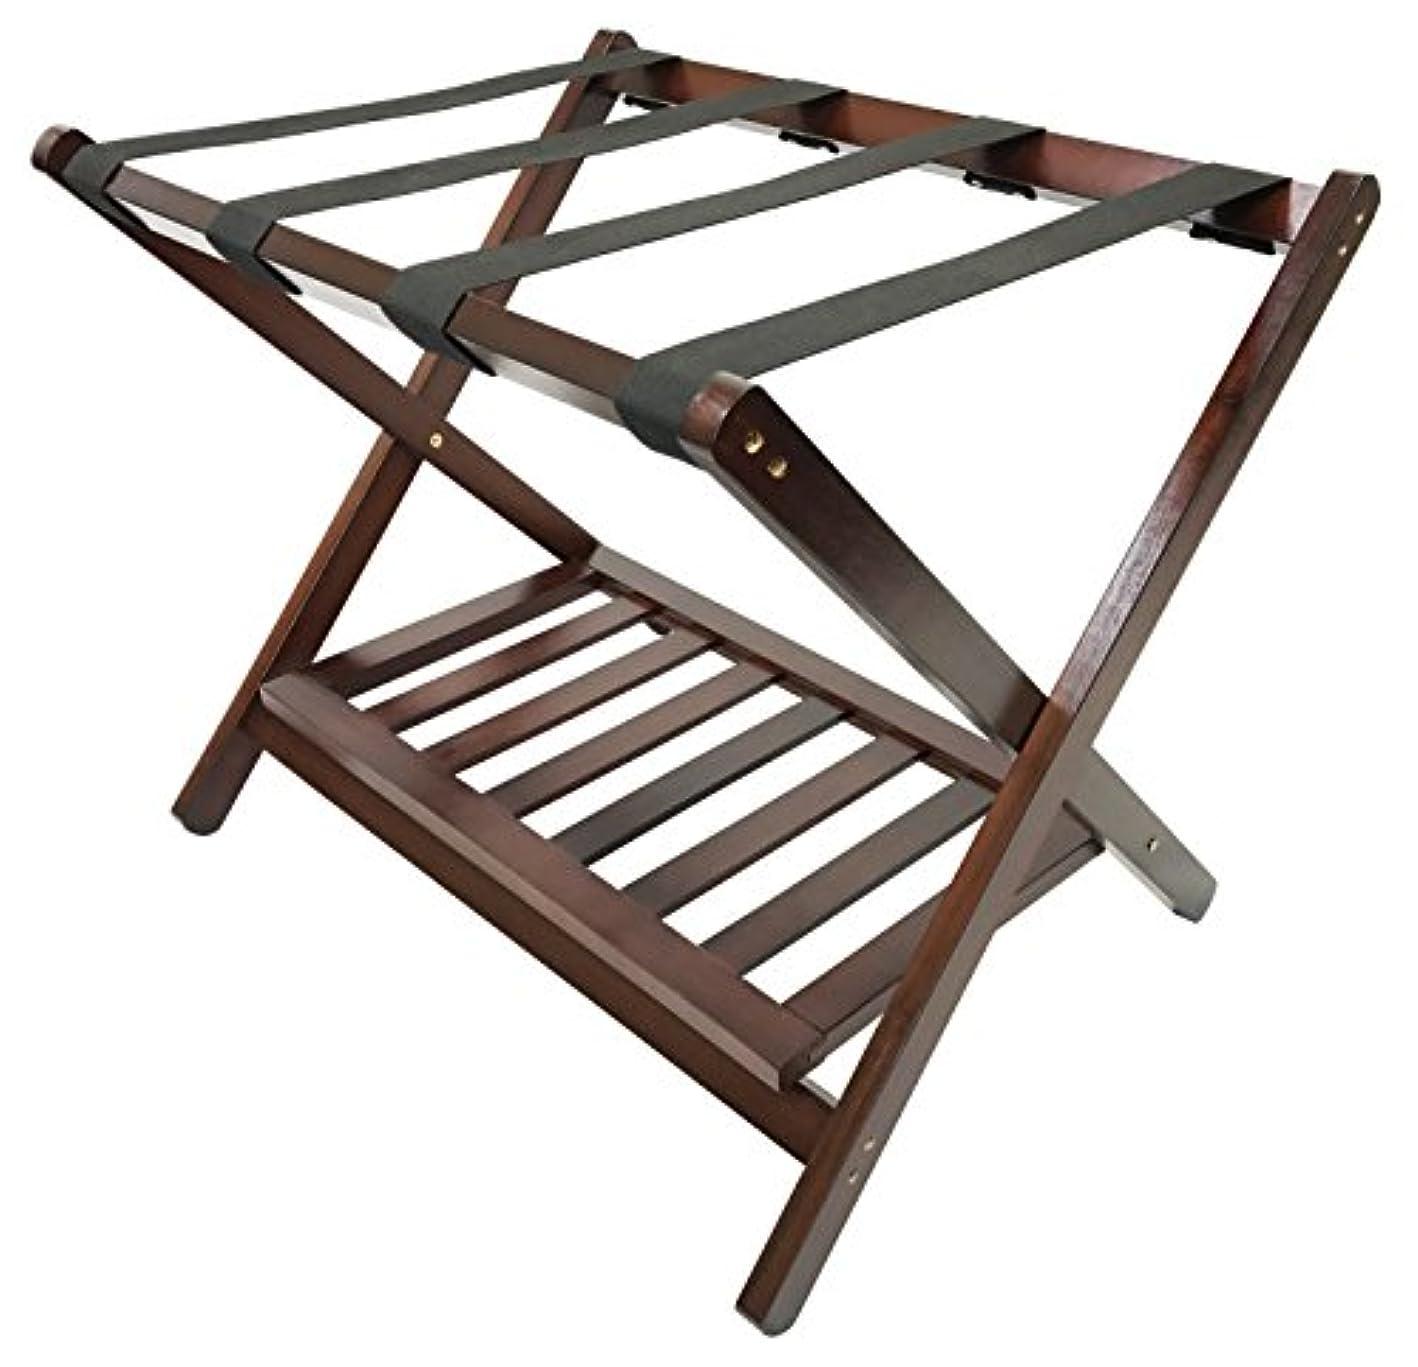 Deluxe Folding Wooden Luggage Rack with Shoe Shelf, Walnut Finish, Hotel Style